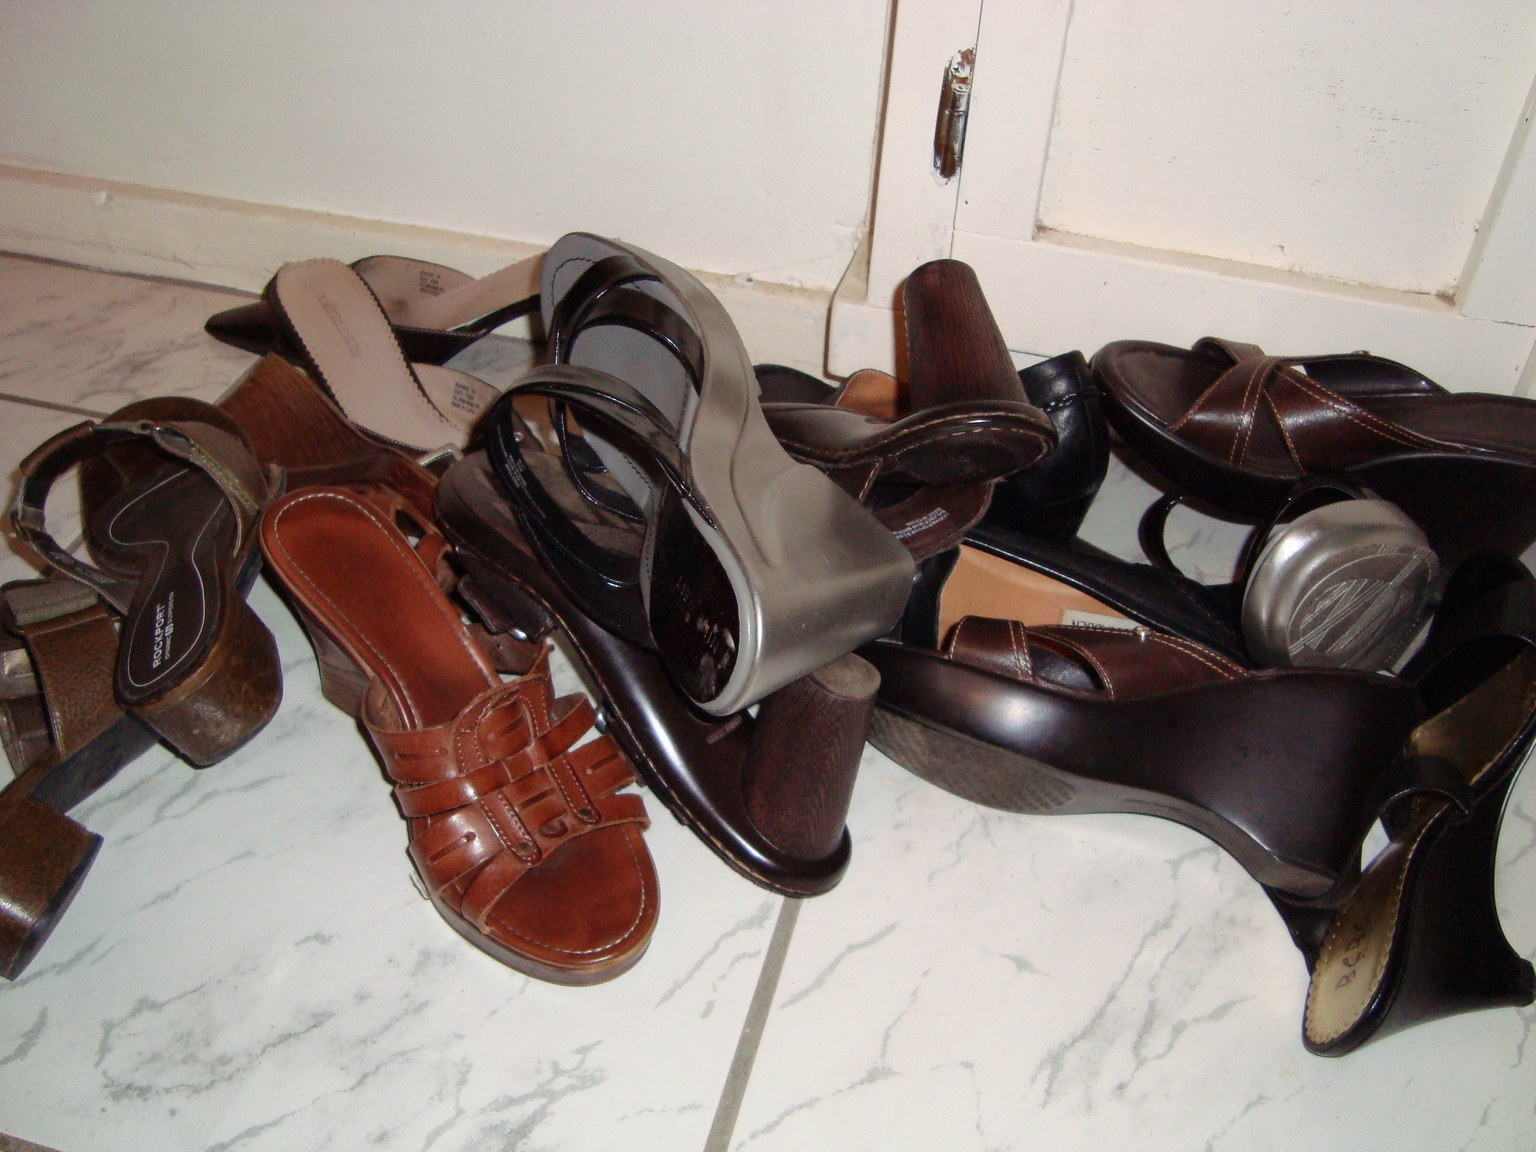 rsz_shoes